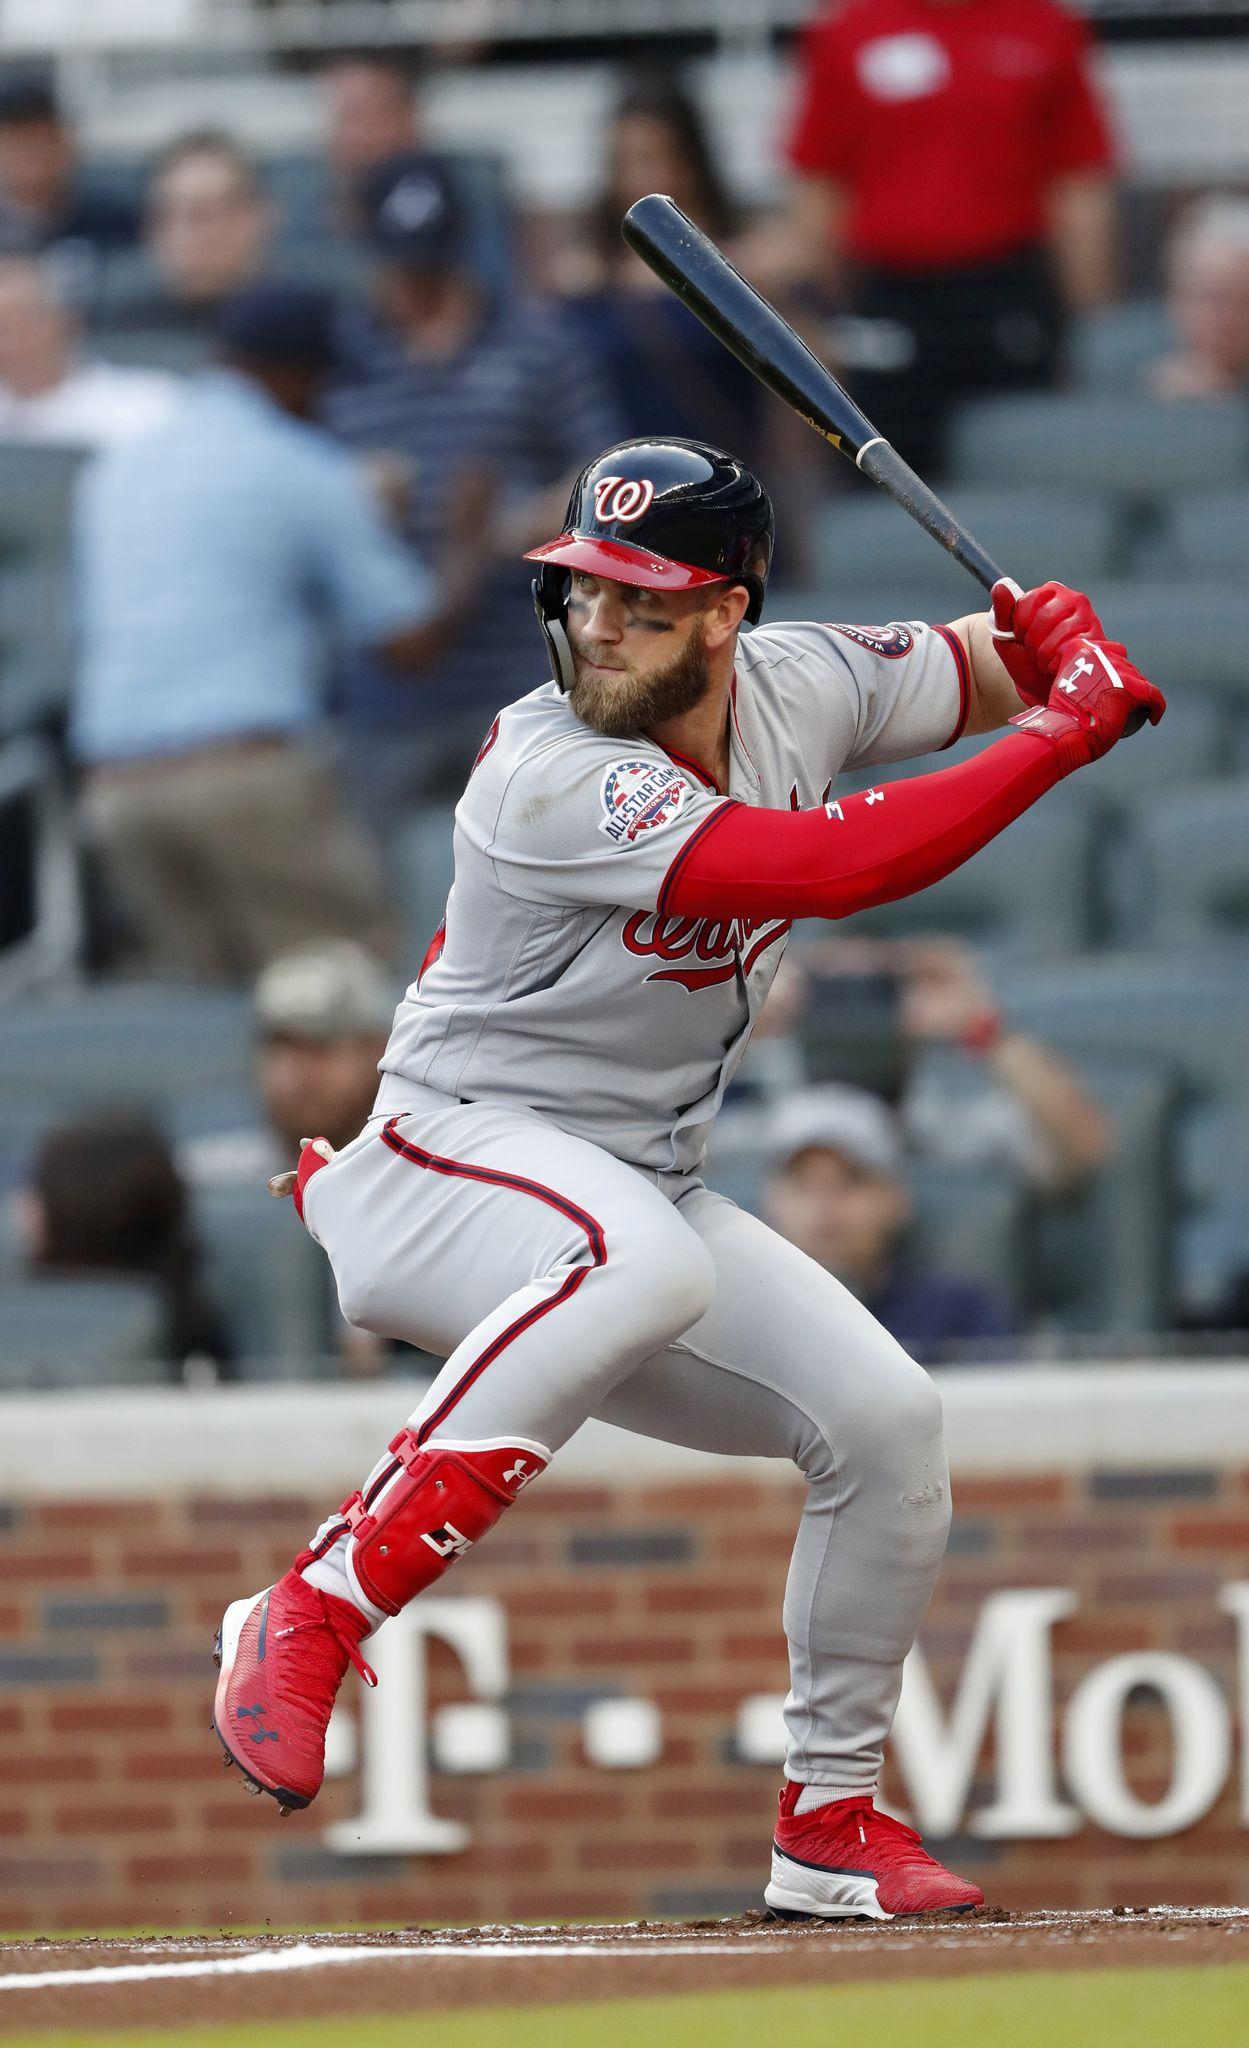 Nationals_braves_baseball_26902.jpg-f93e0_s1249x2048